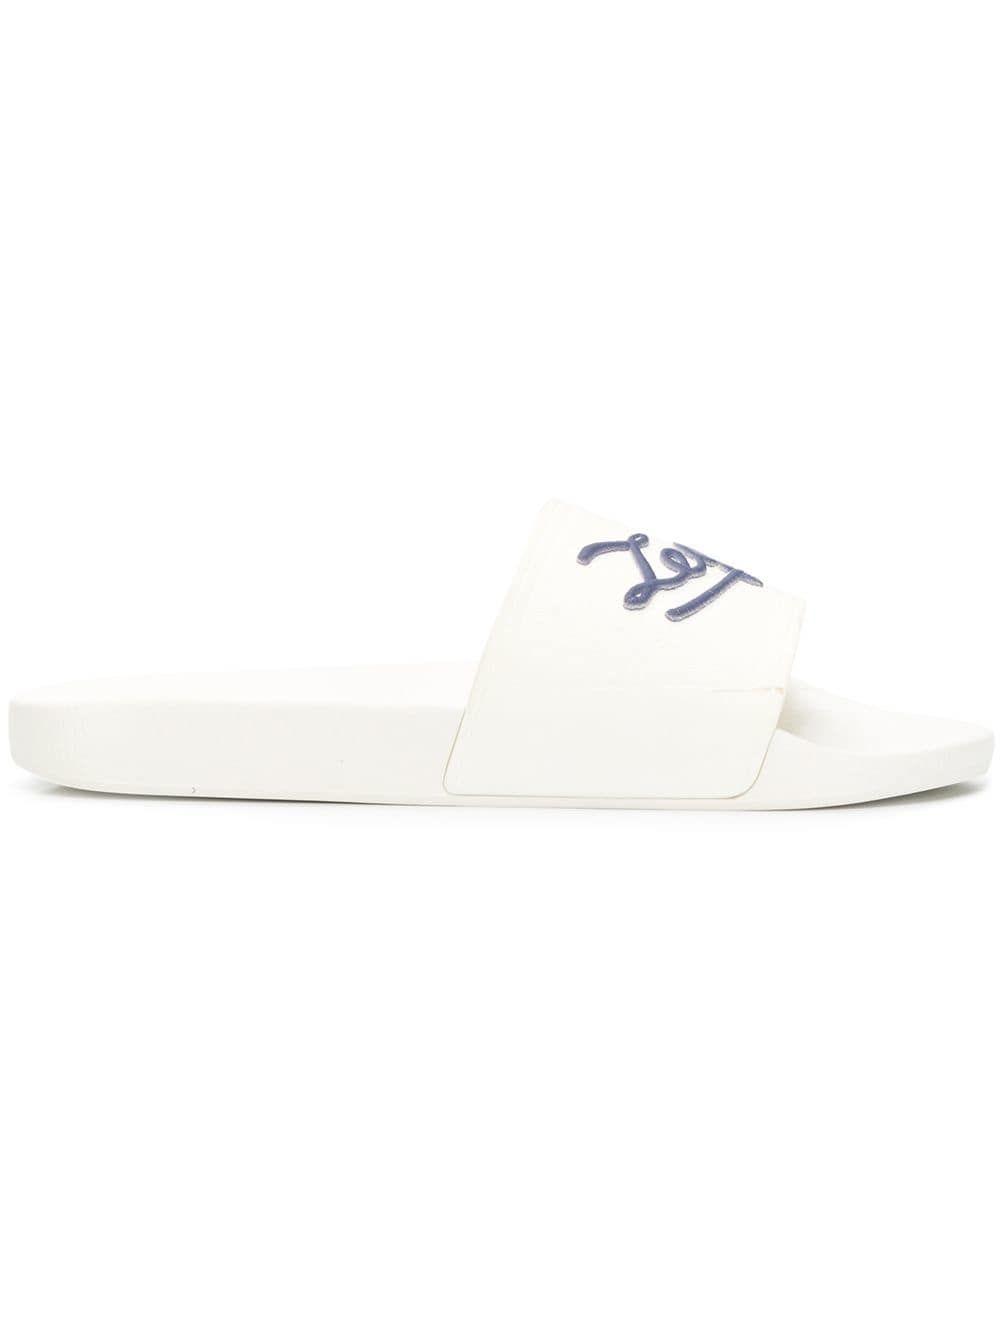 Ermenegildo Zegna Logo Print Slides White Designer Flip Flops Blue Logo Ermenegildo Zegna